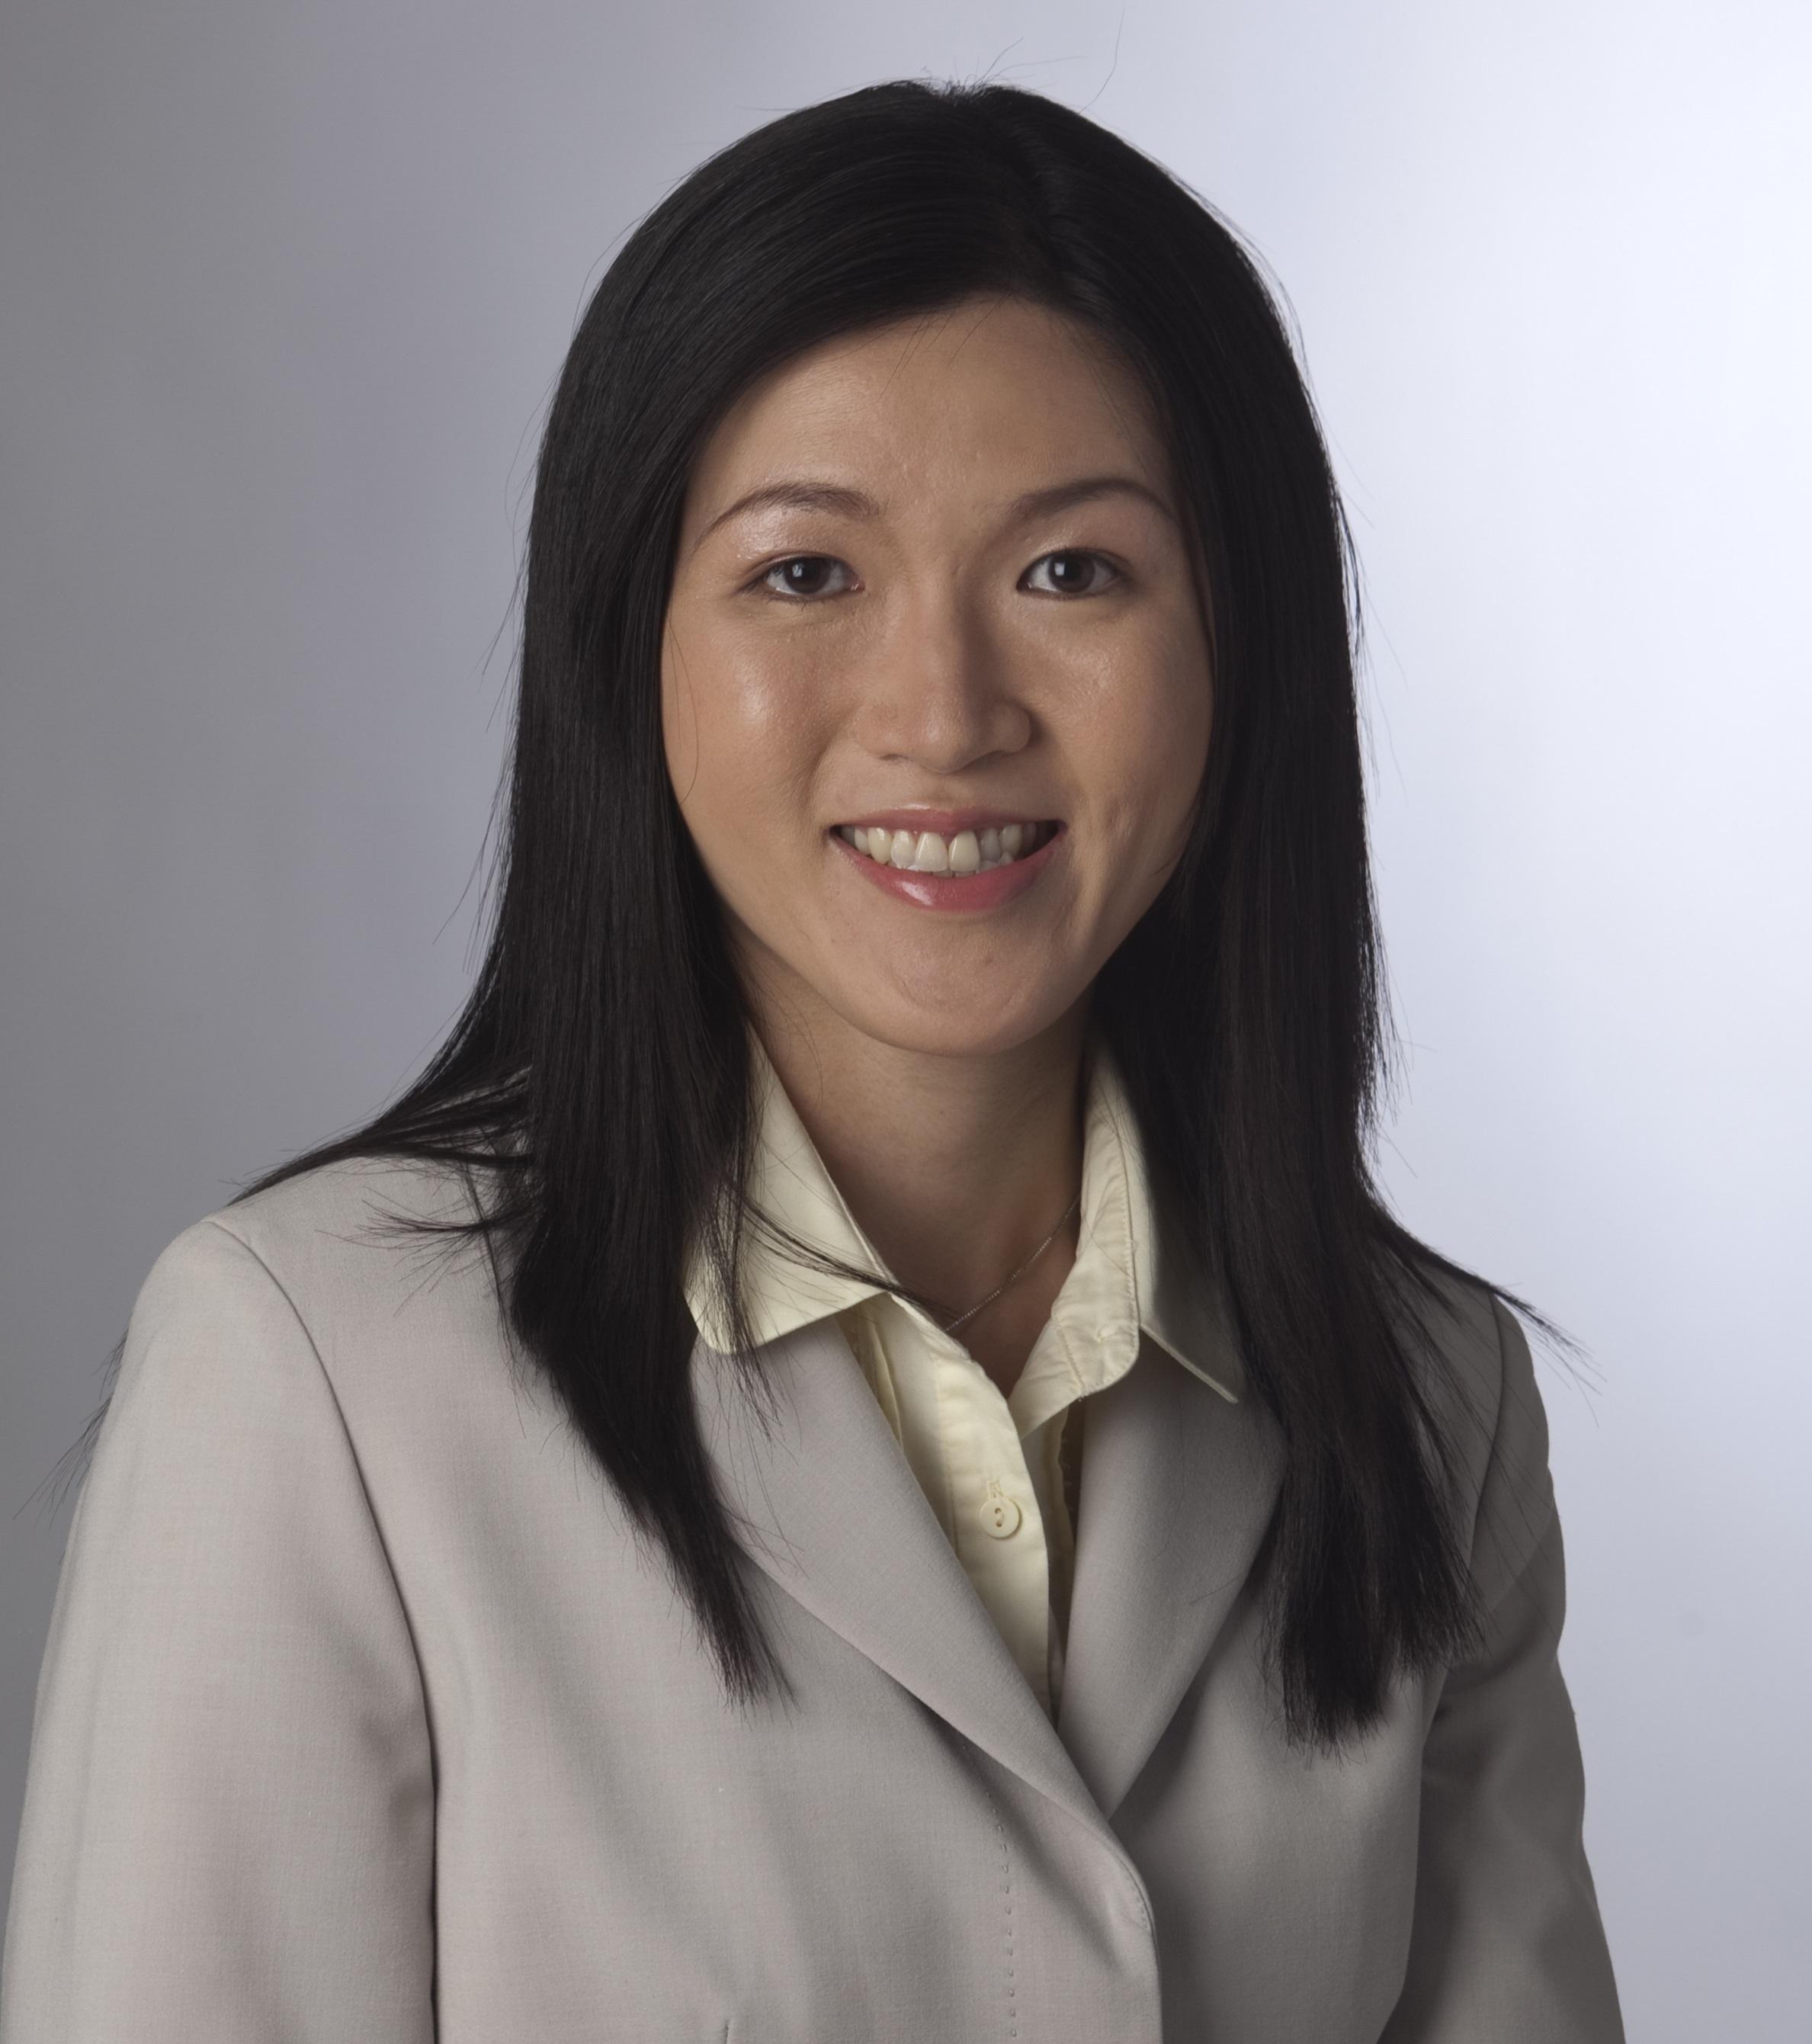 Evelyn Yim